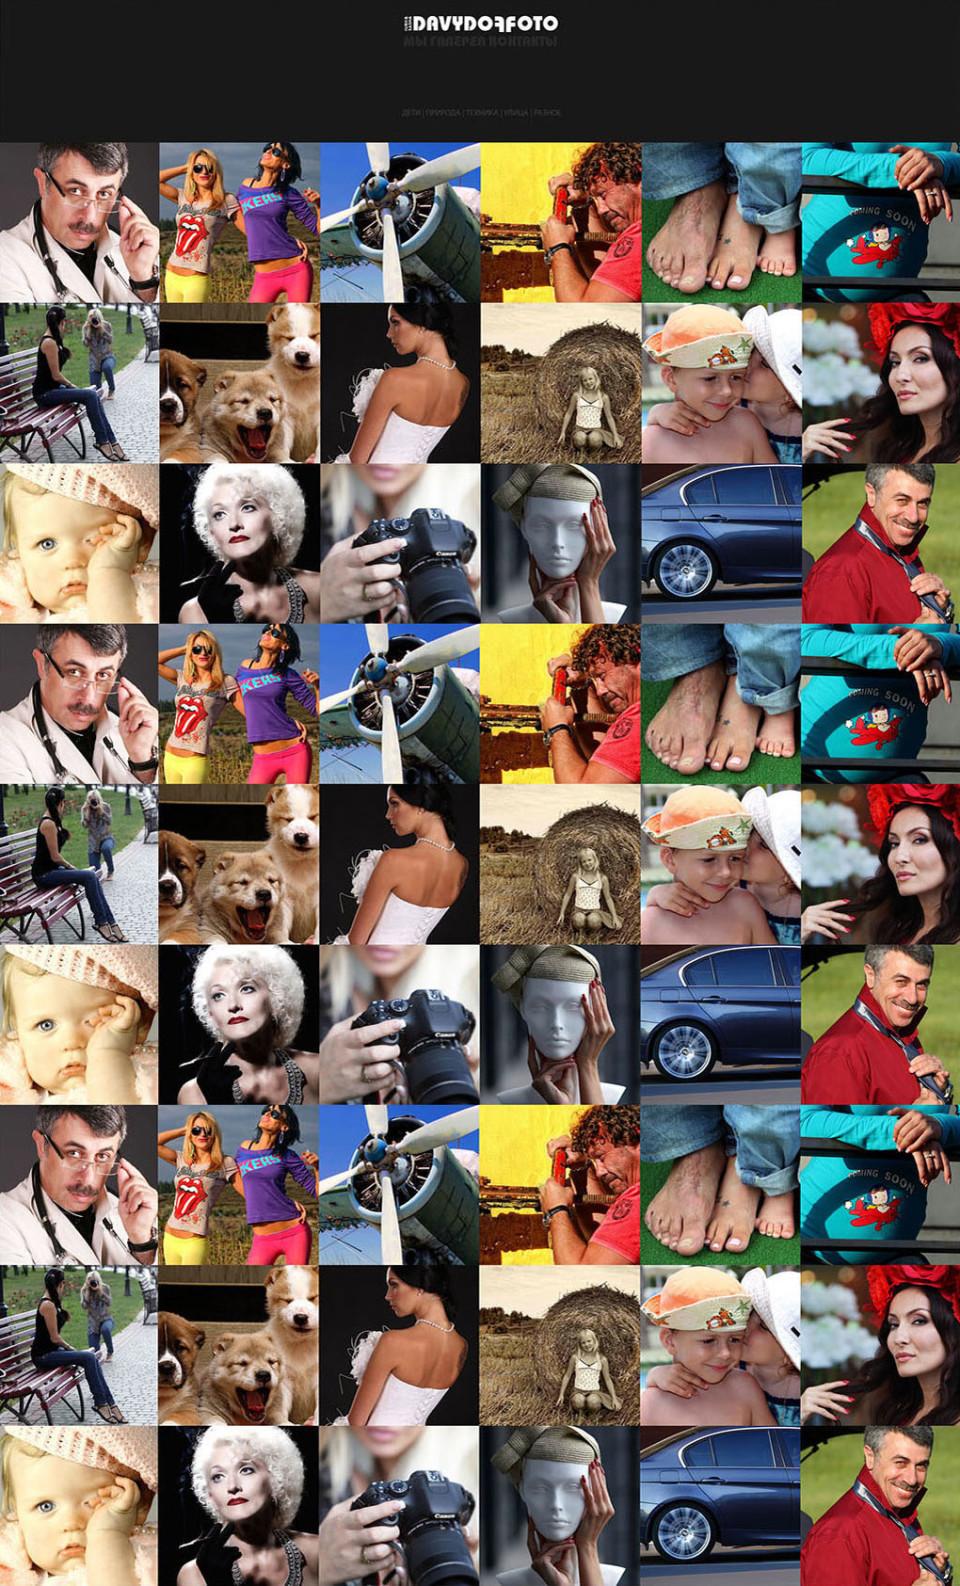 Портфолио - Сайт визитка харьковскому фотографу Юрию Давыдову